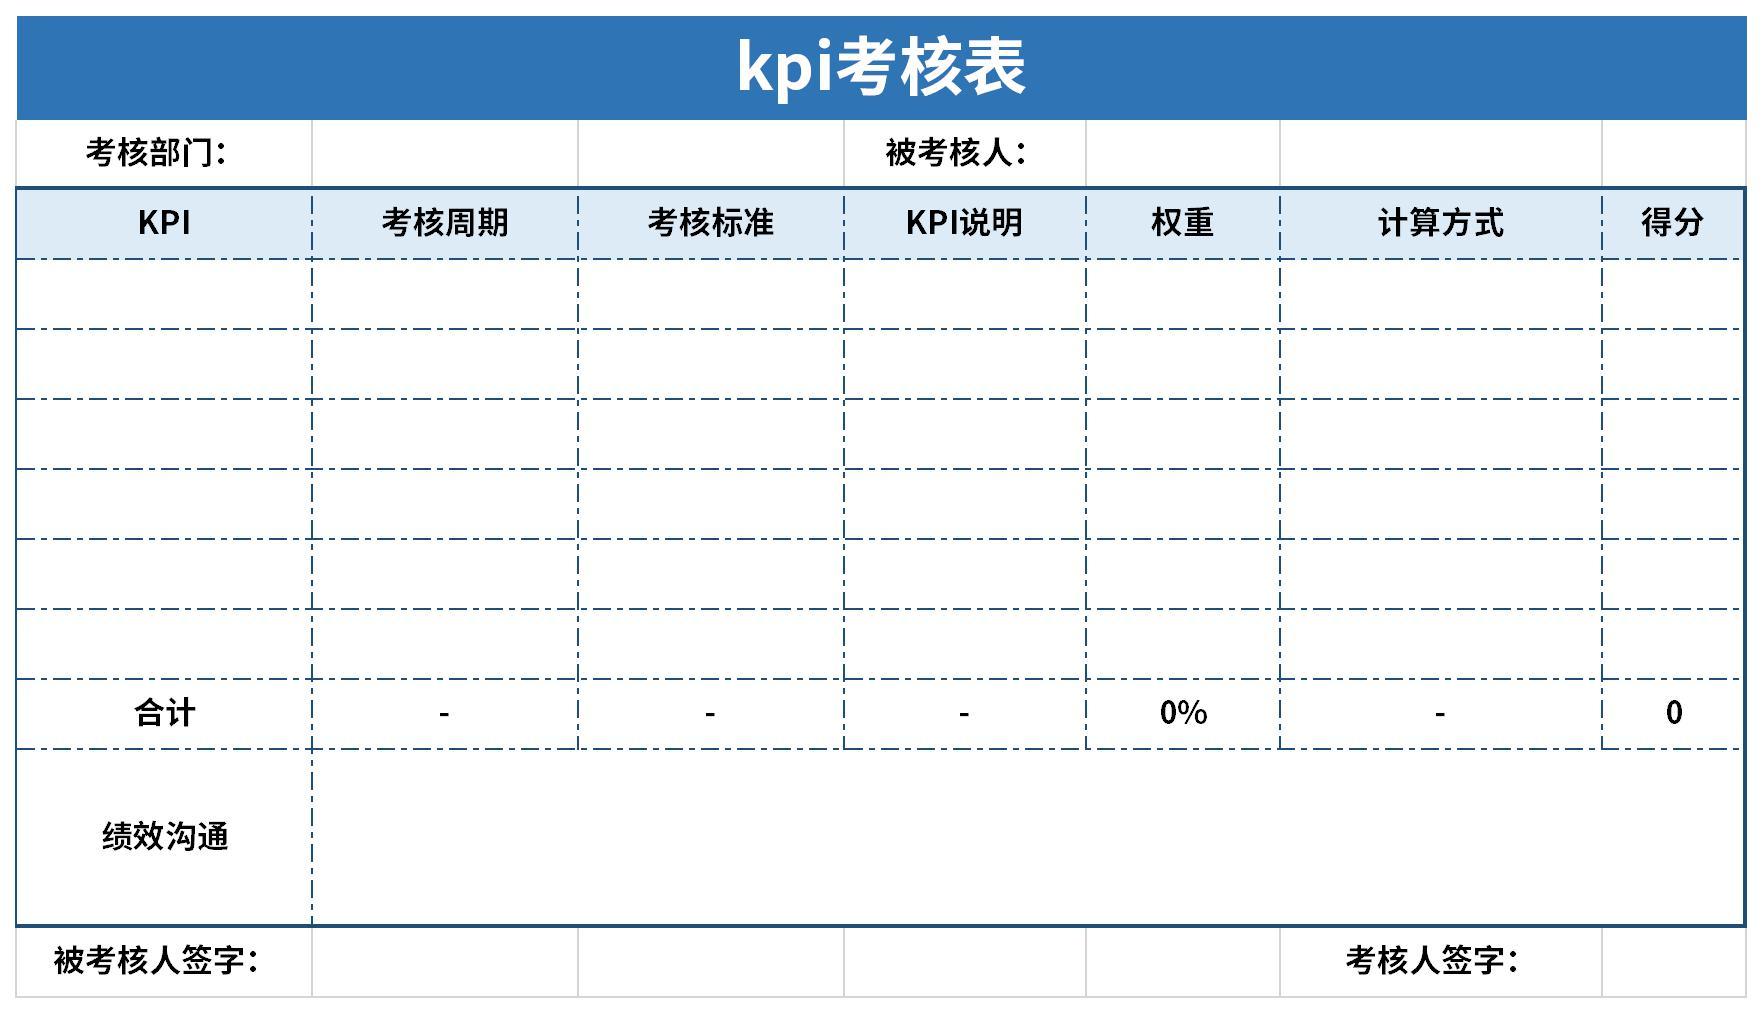 kpi考核表截图